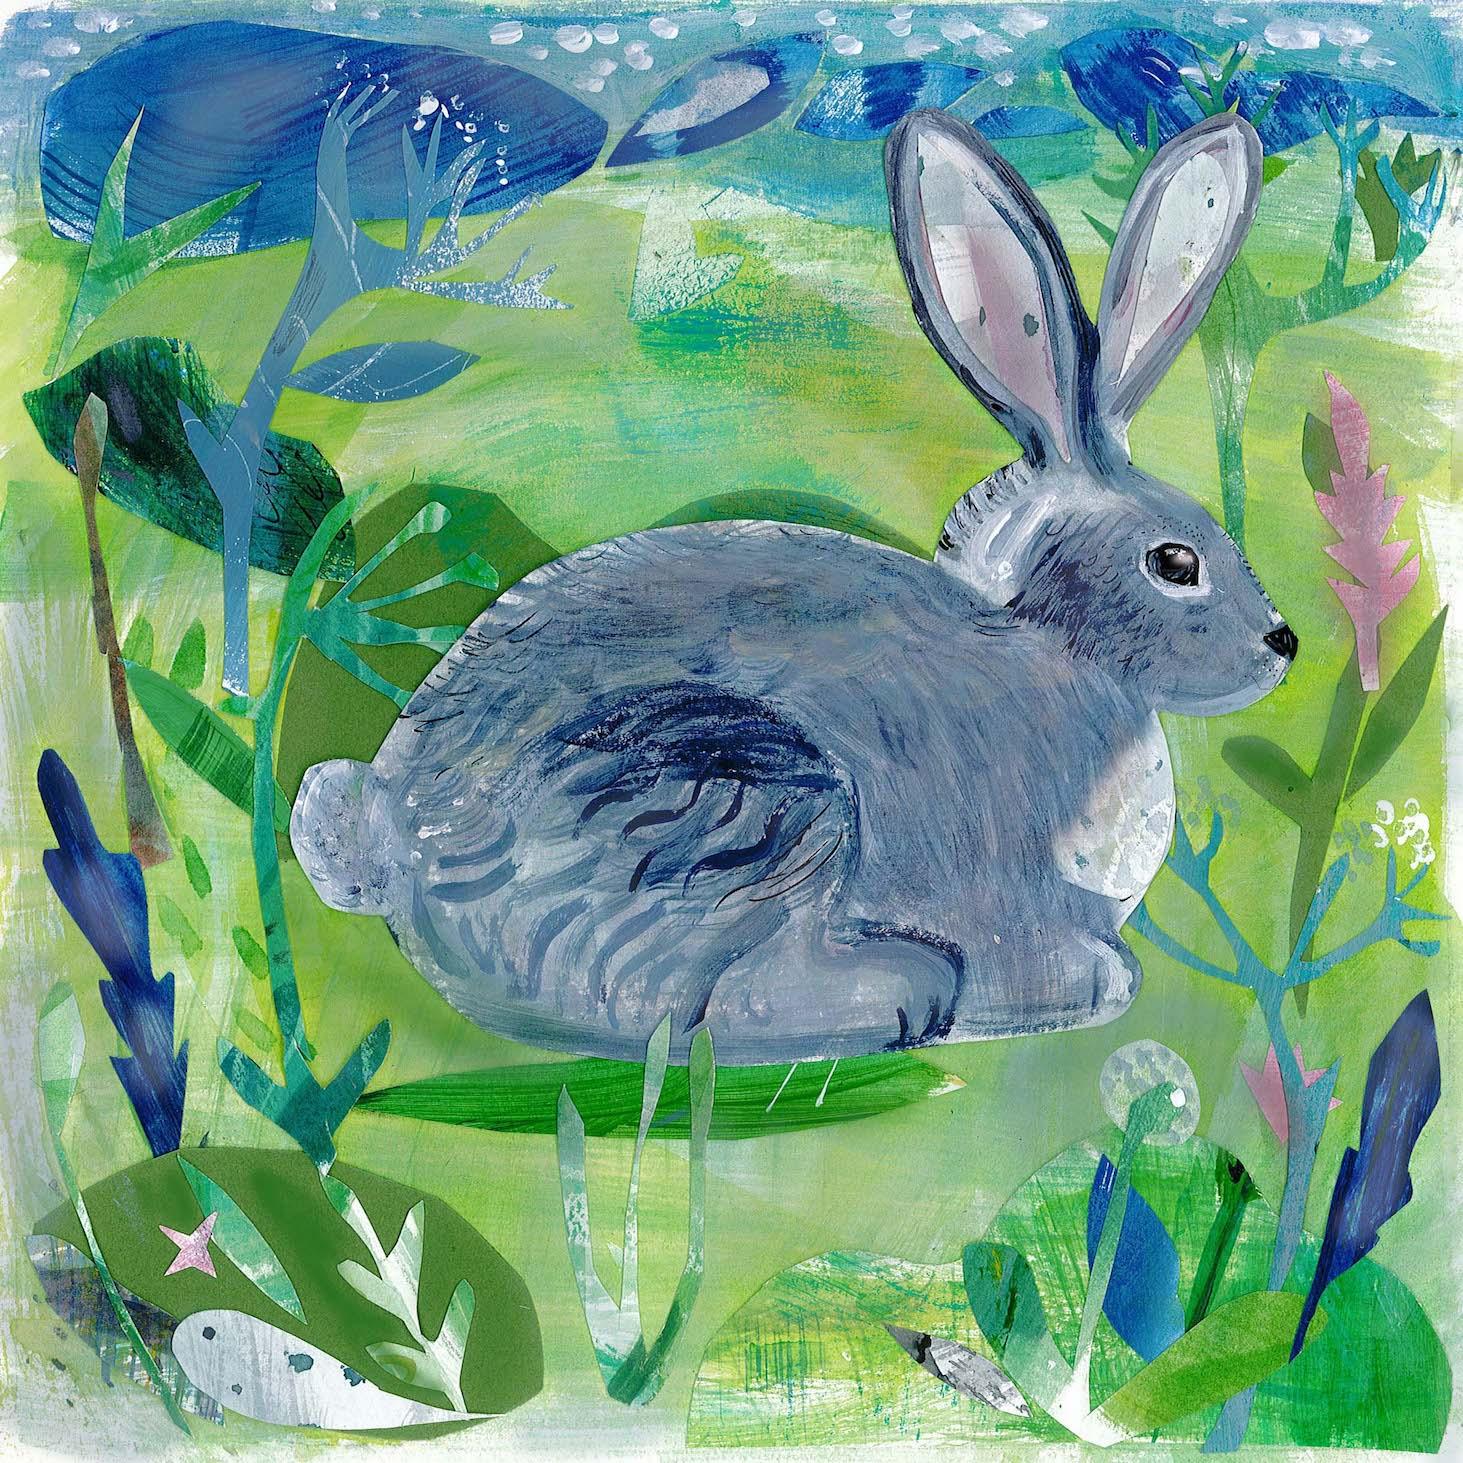 Spring Rabbit  mixed media  30 x 30cm  £180 framed